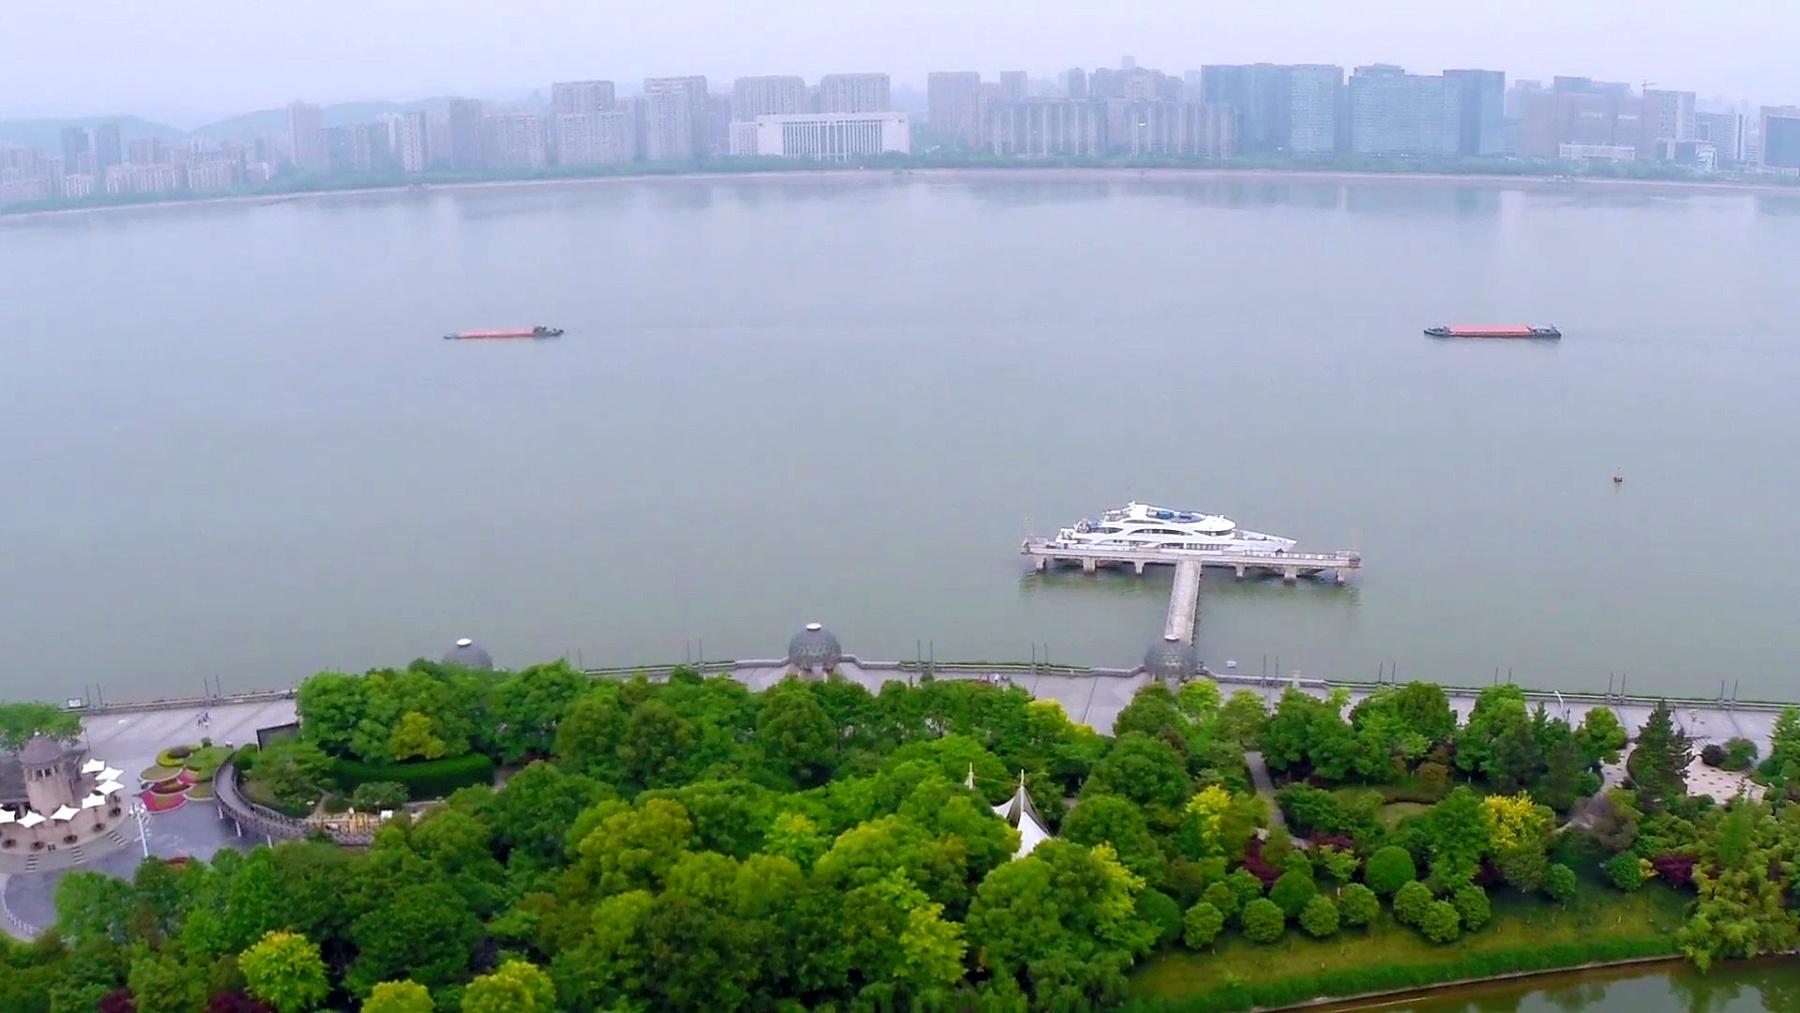 杭州现代城市的天际线和河上游船。